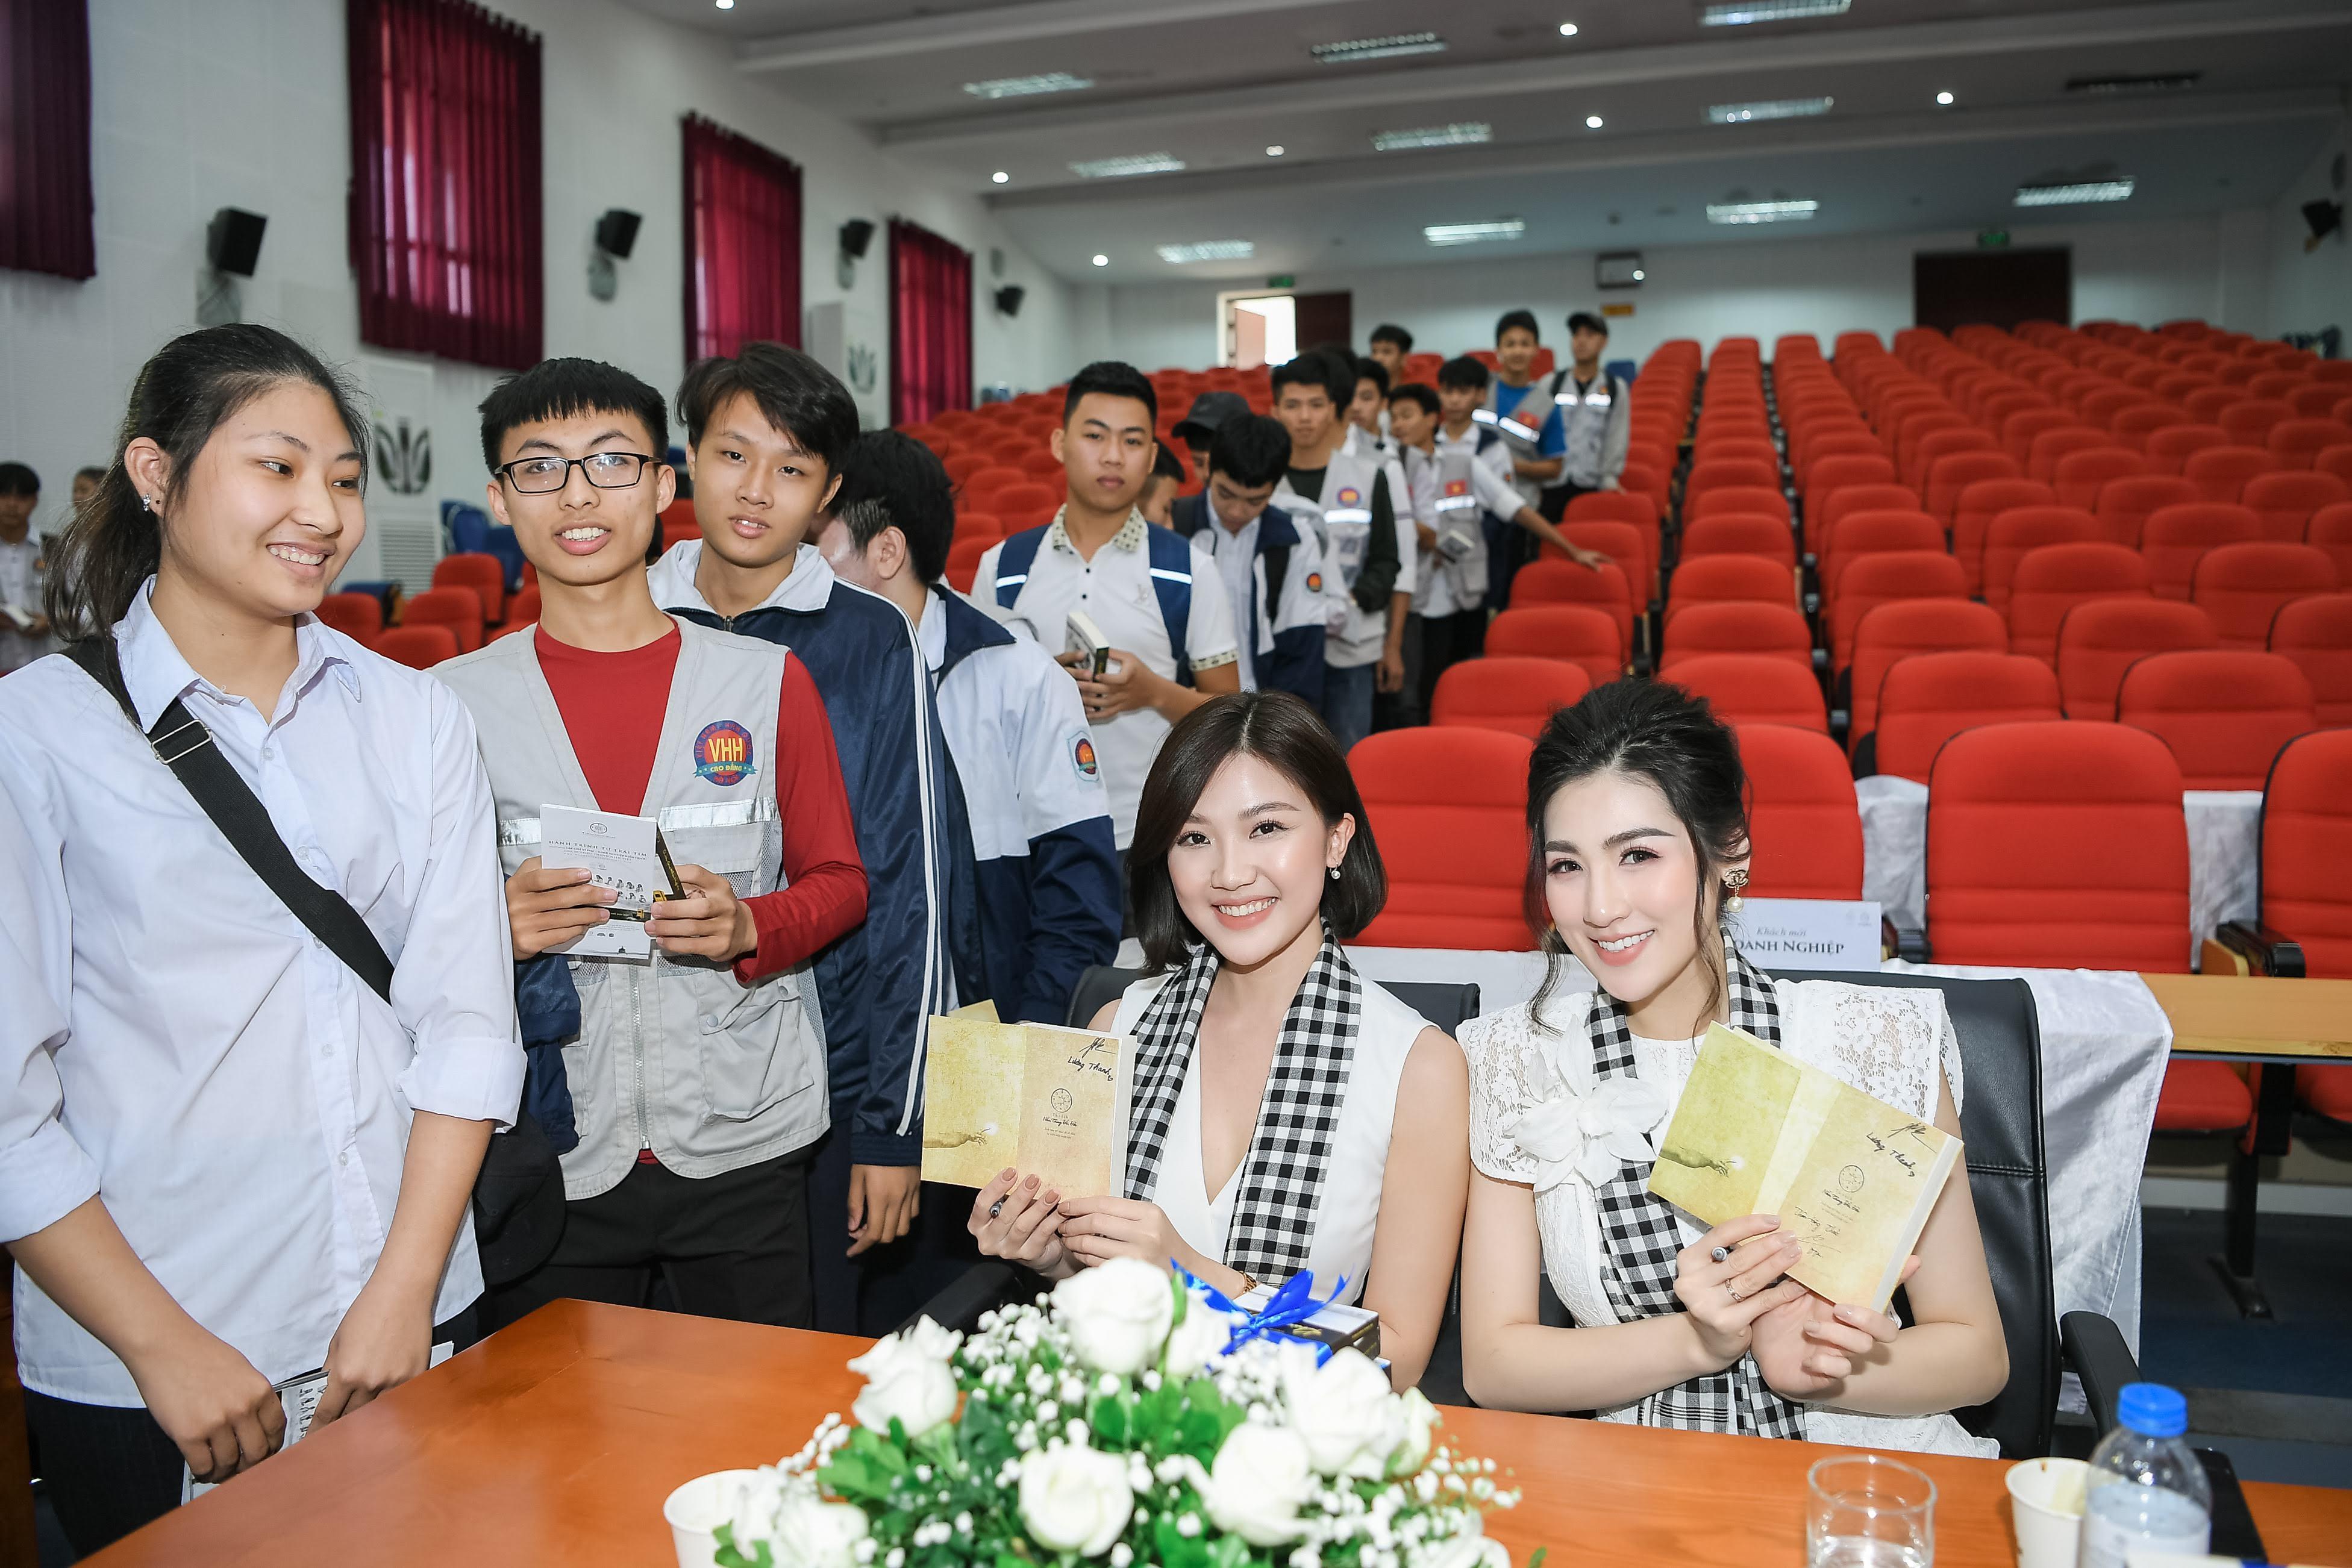 'Tiểu tam Trà' Lương Thanh đọ sắc bên Á hậu Tú Anh 2